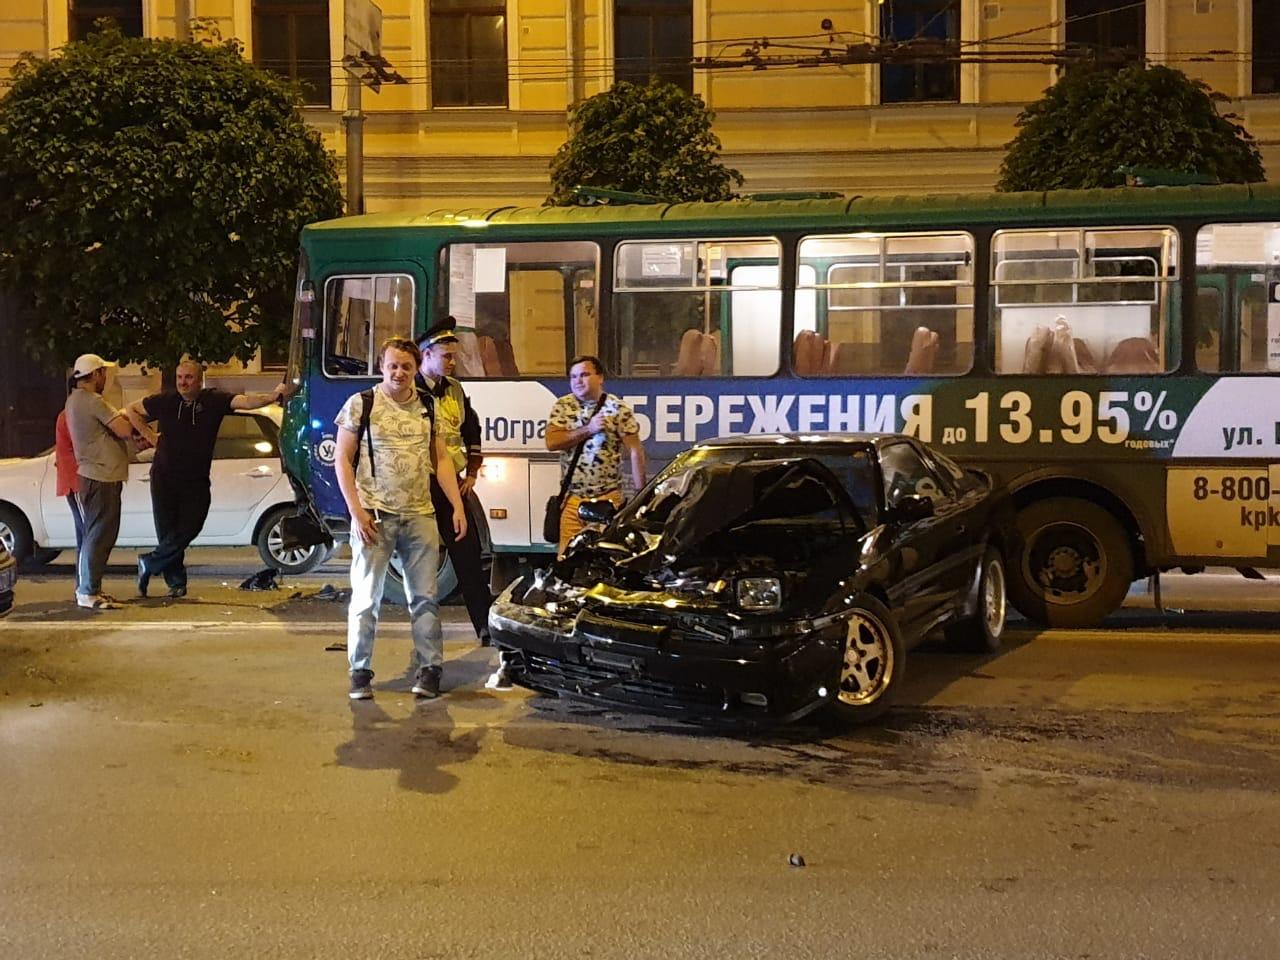 минет такси екб